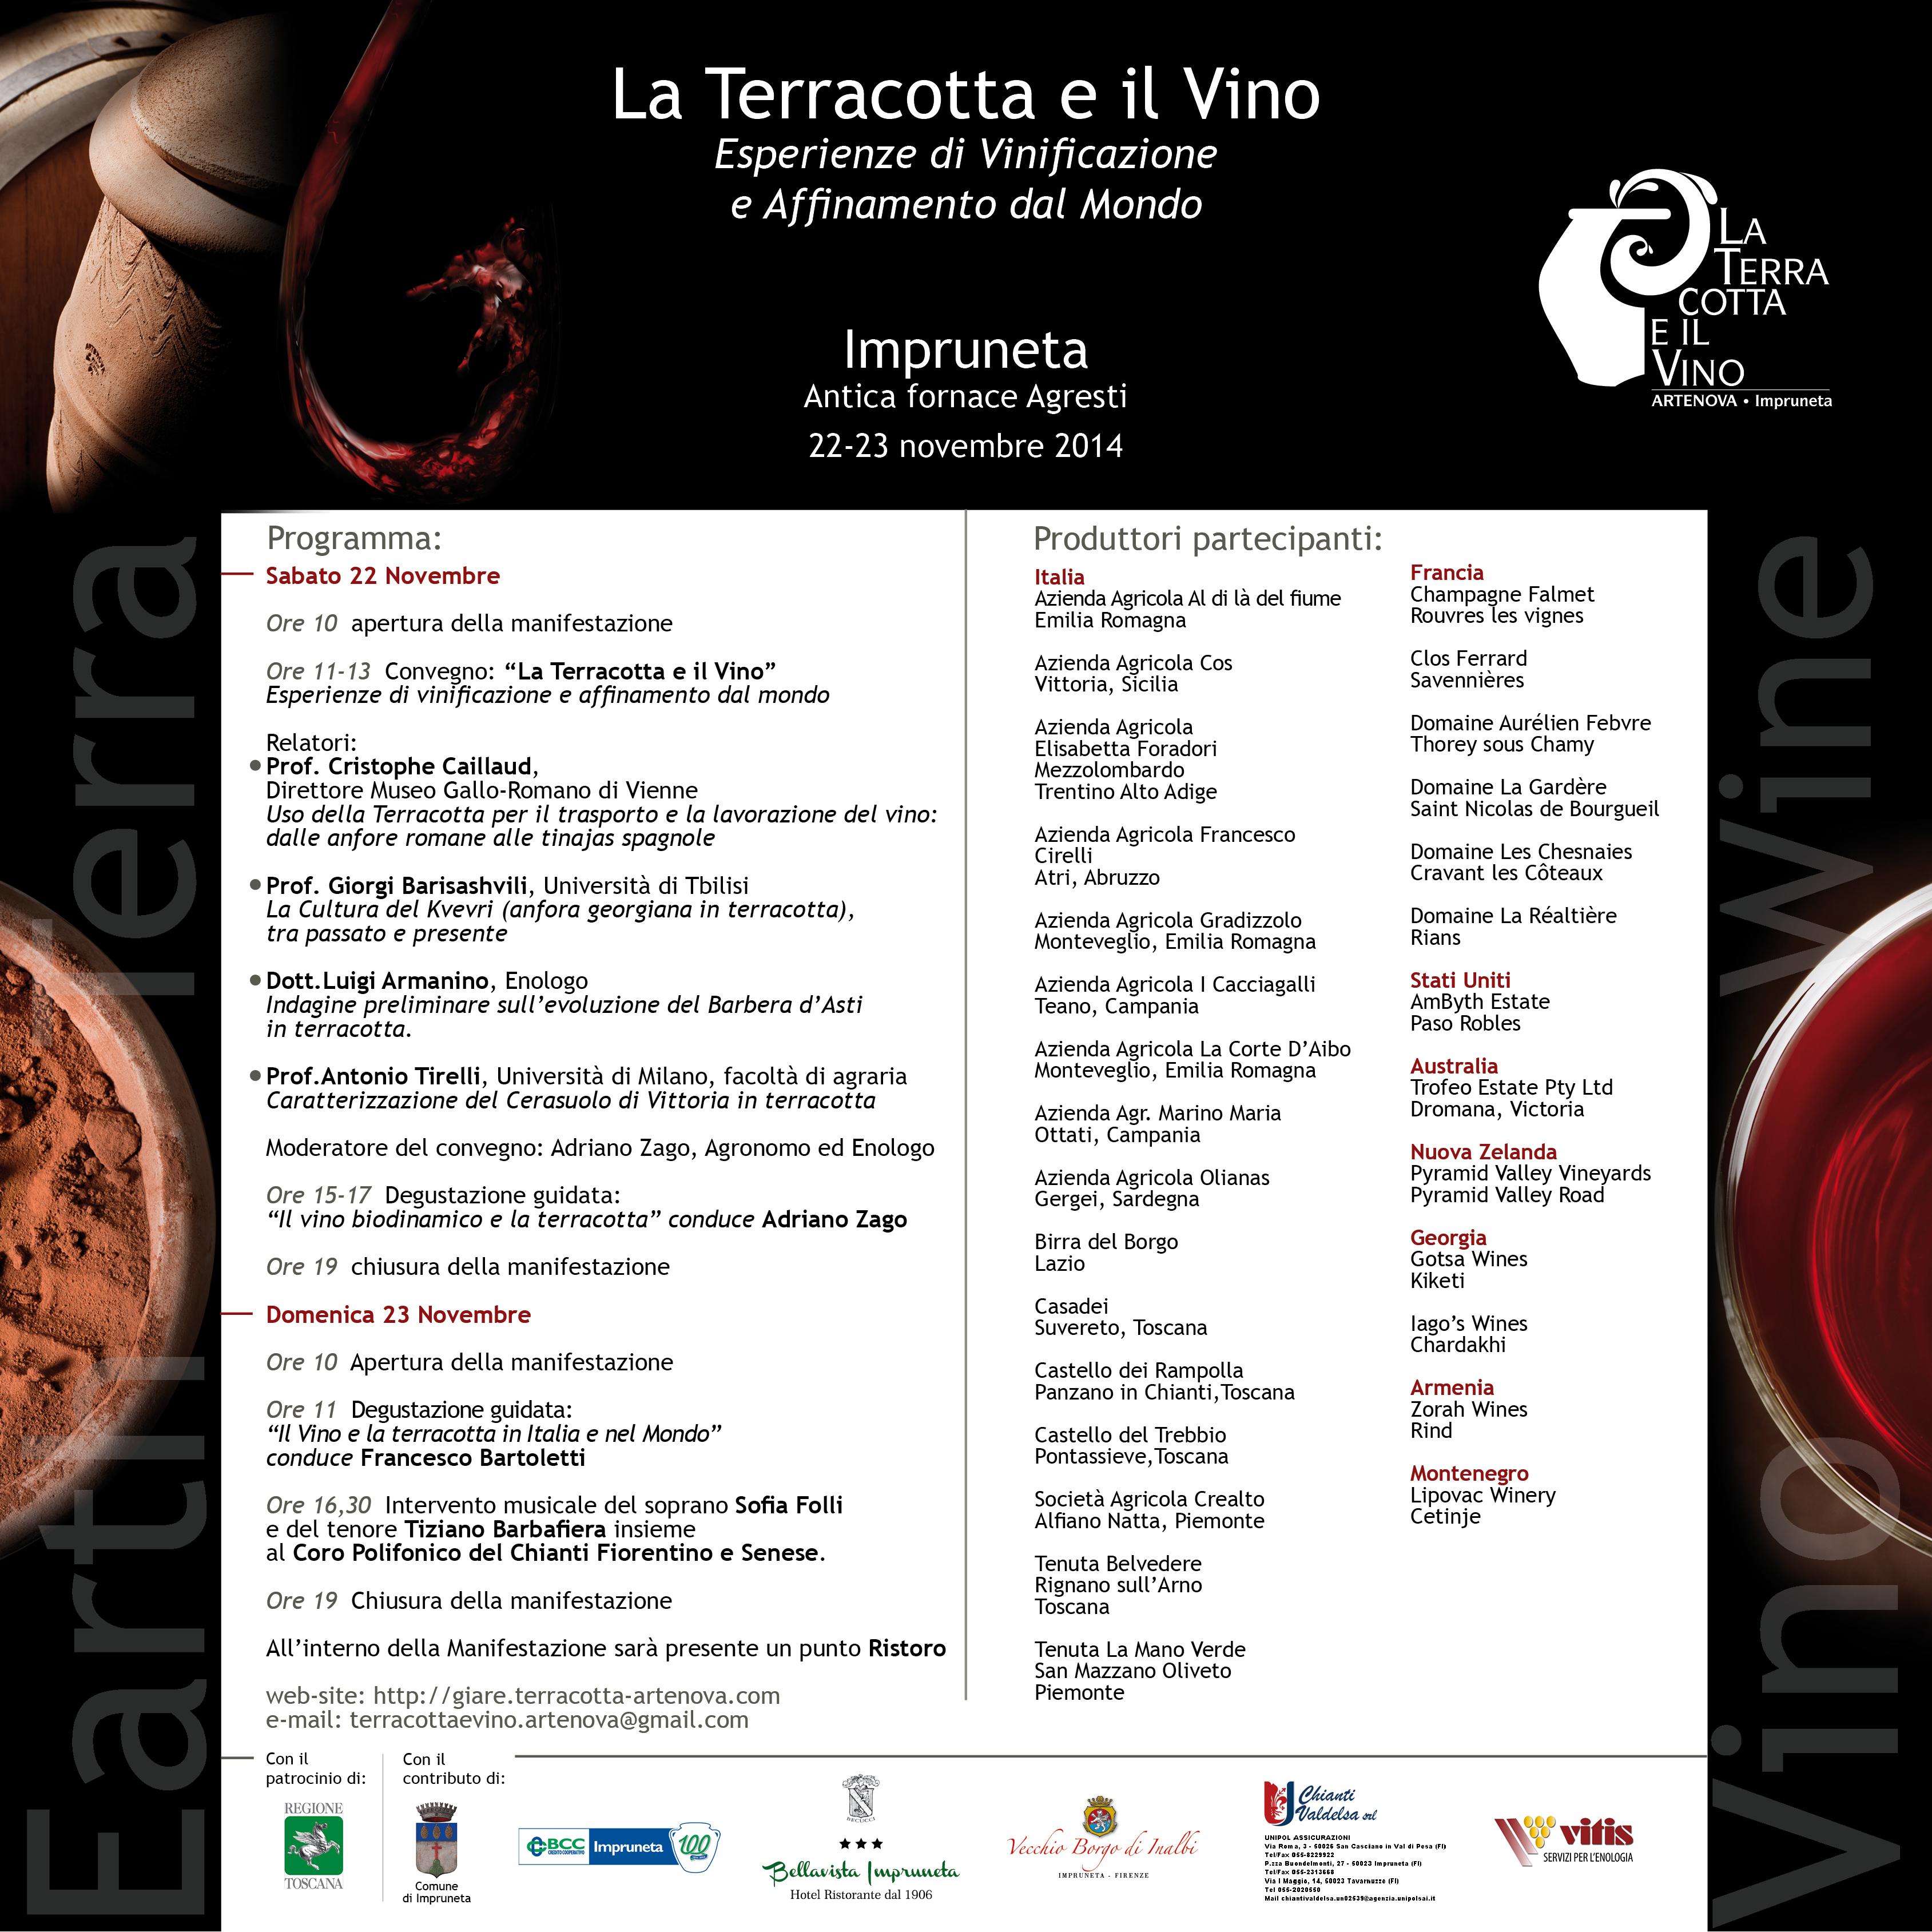 terracotta-e-vino-programma